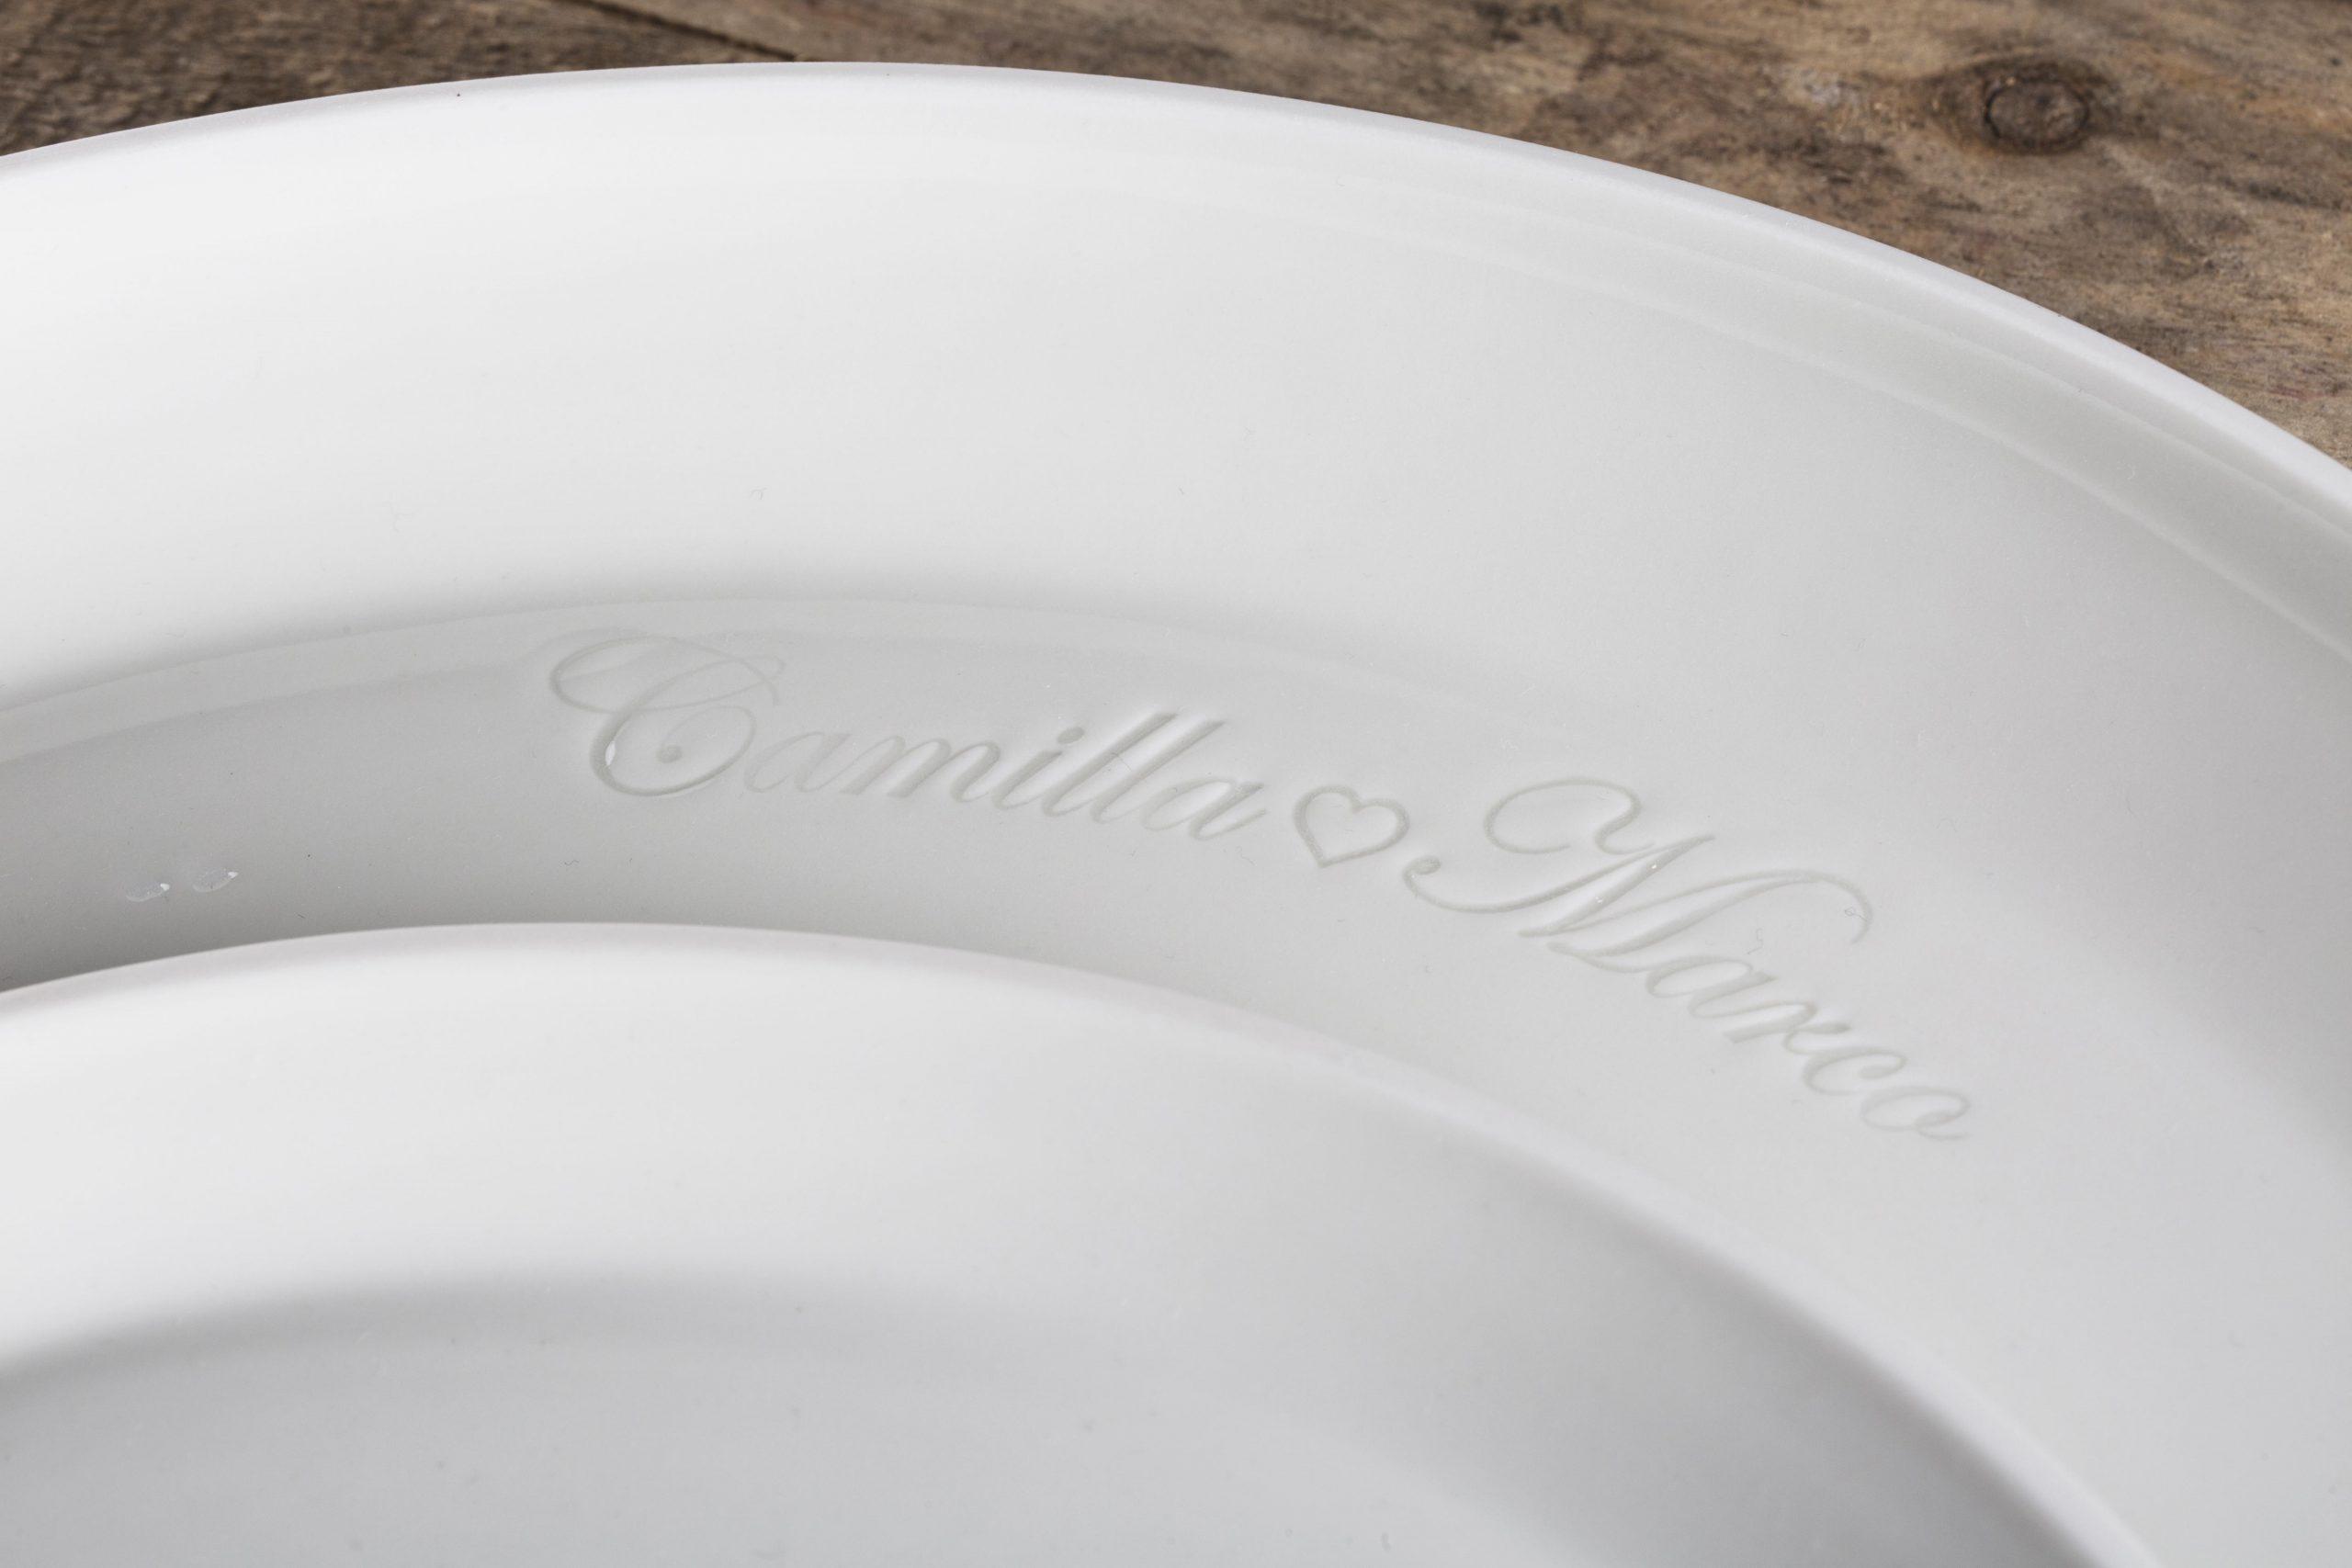 piatto con impresso il nome della coppia di sposi- lavorazione artigianale - Federica Ramacciotti